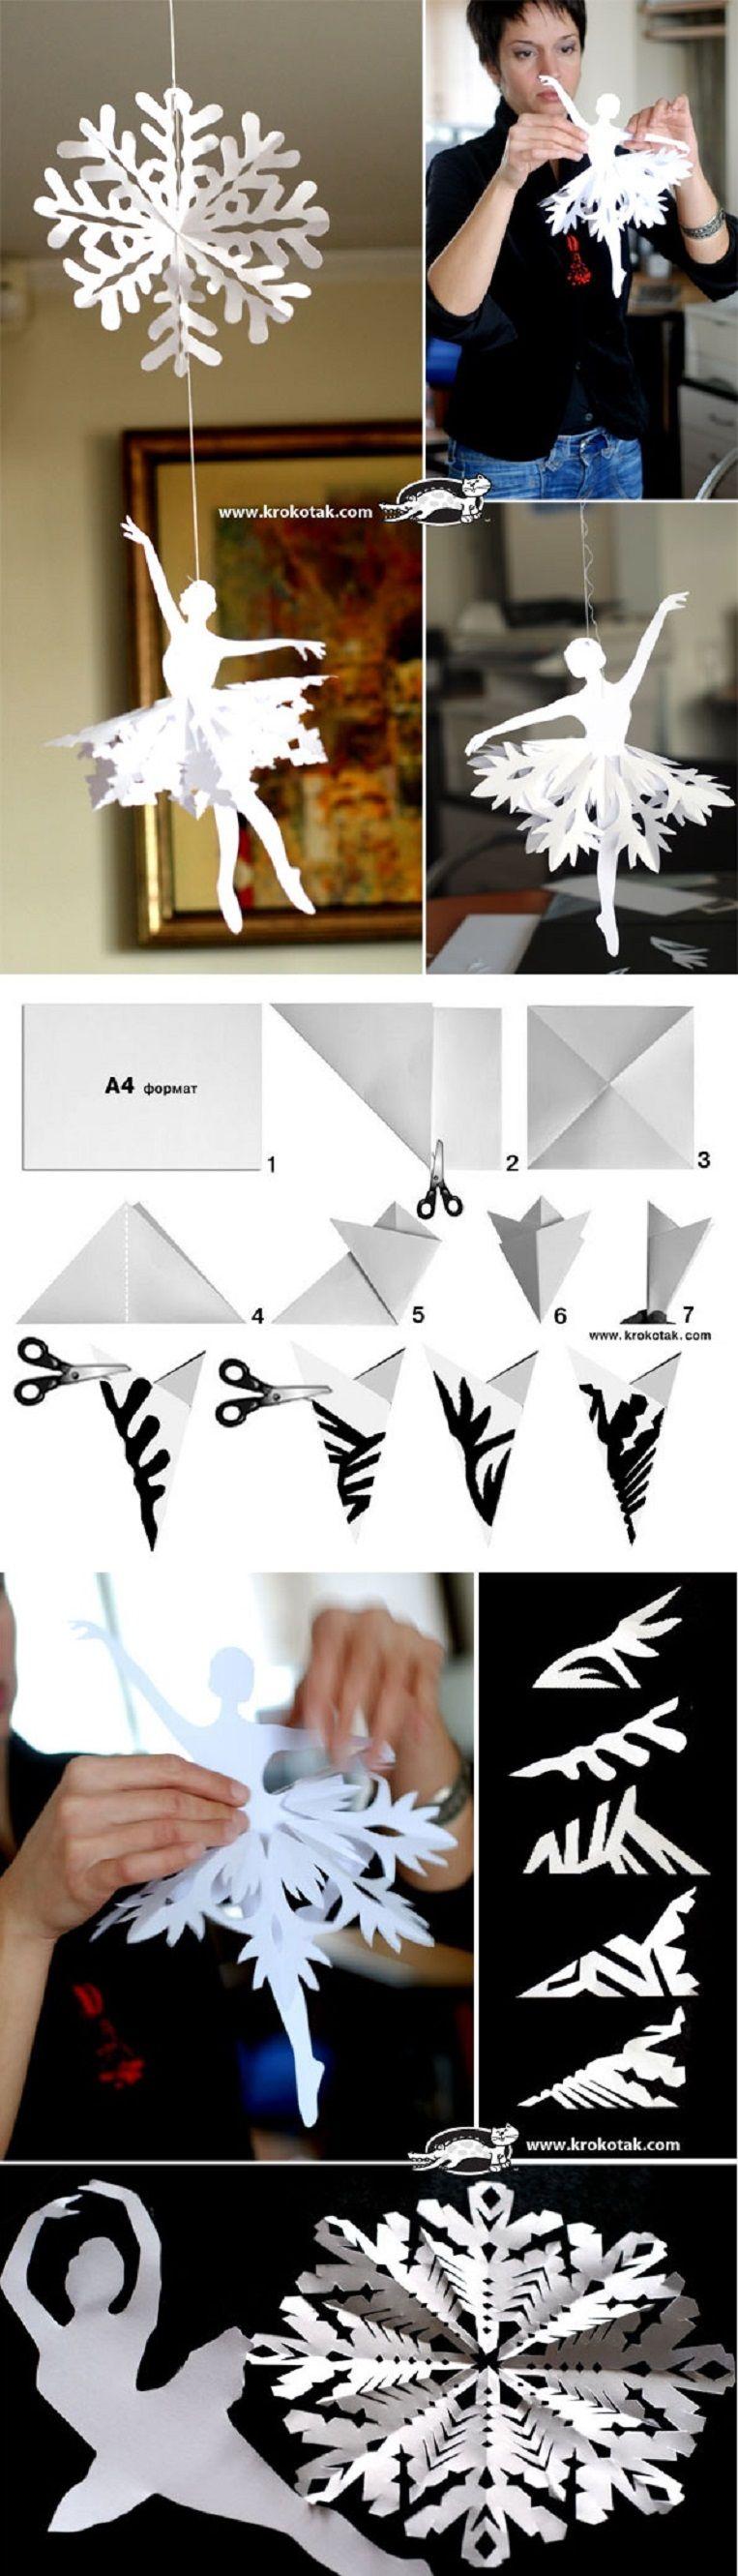 DIY Ballerinas Snowflakes 12 DIY Holiday Decorations You